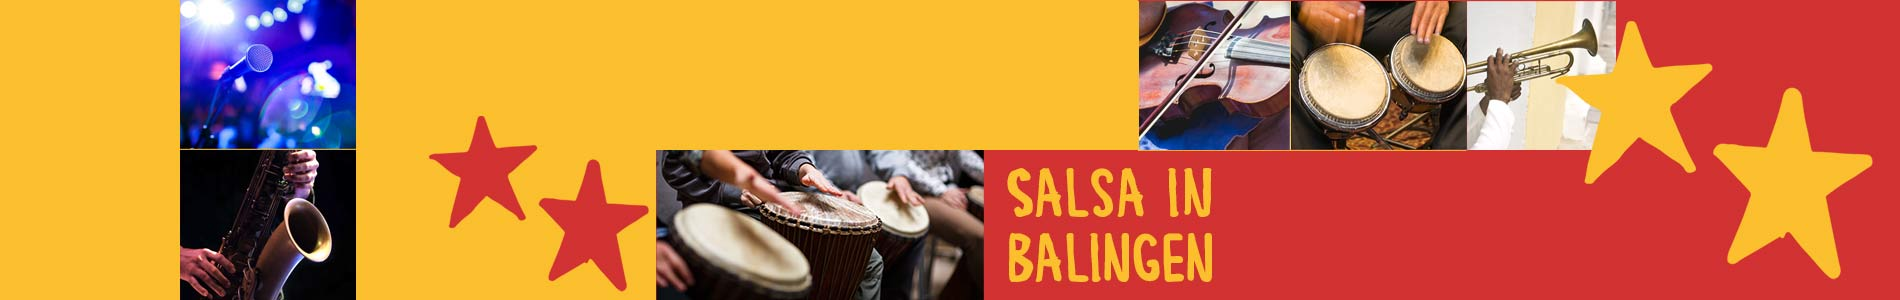 Salsa in Balingen – Salsa lernen und tanzen, Tanzkurse, Partys, Veranstaltungen